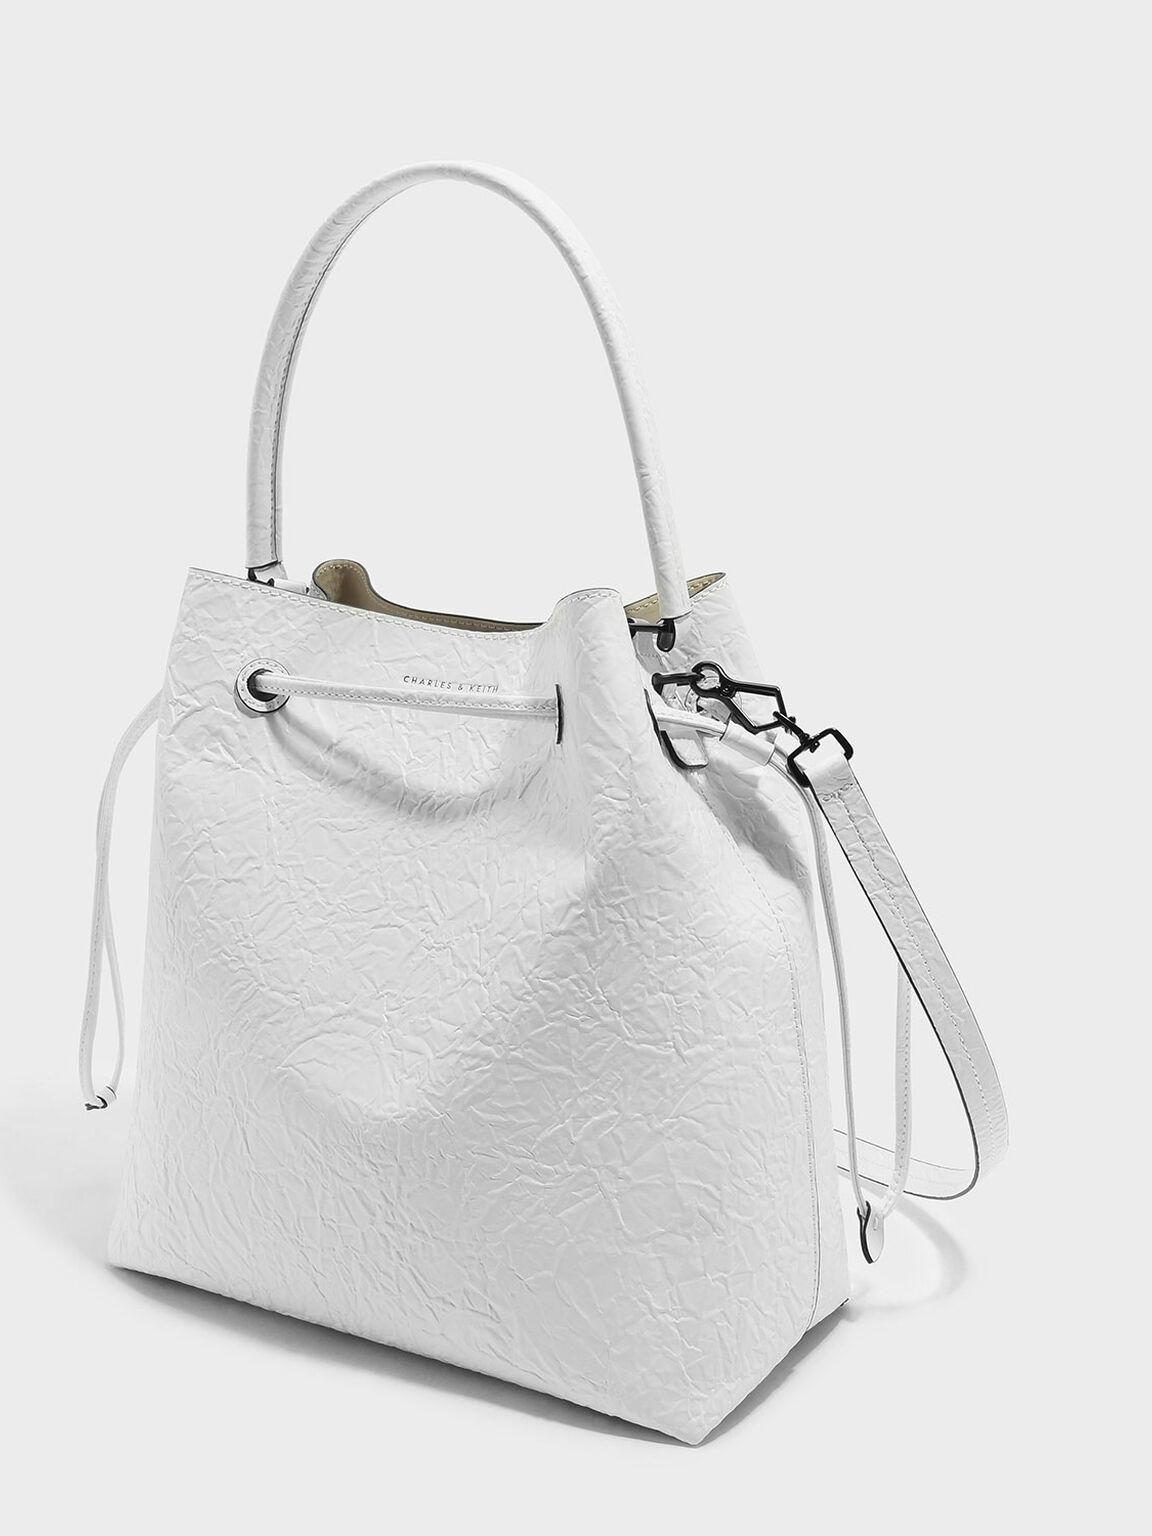 Basic Drawstring Shoulder Bag, White, hi-res